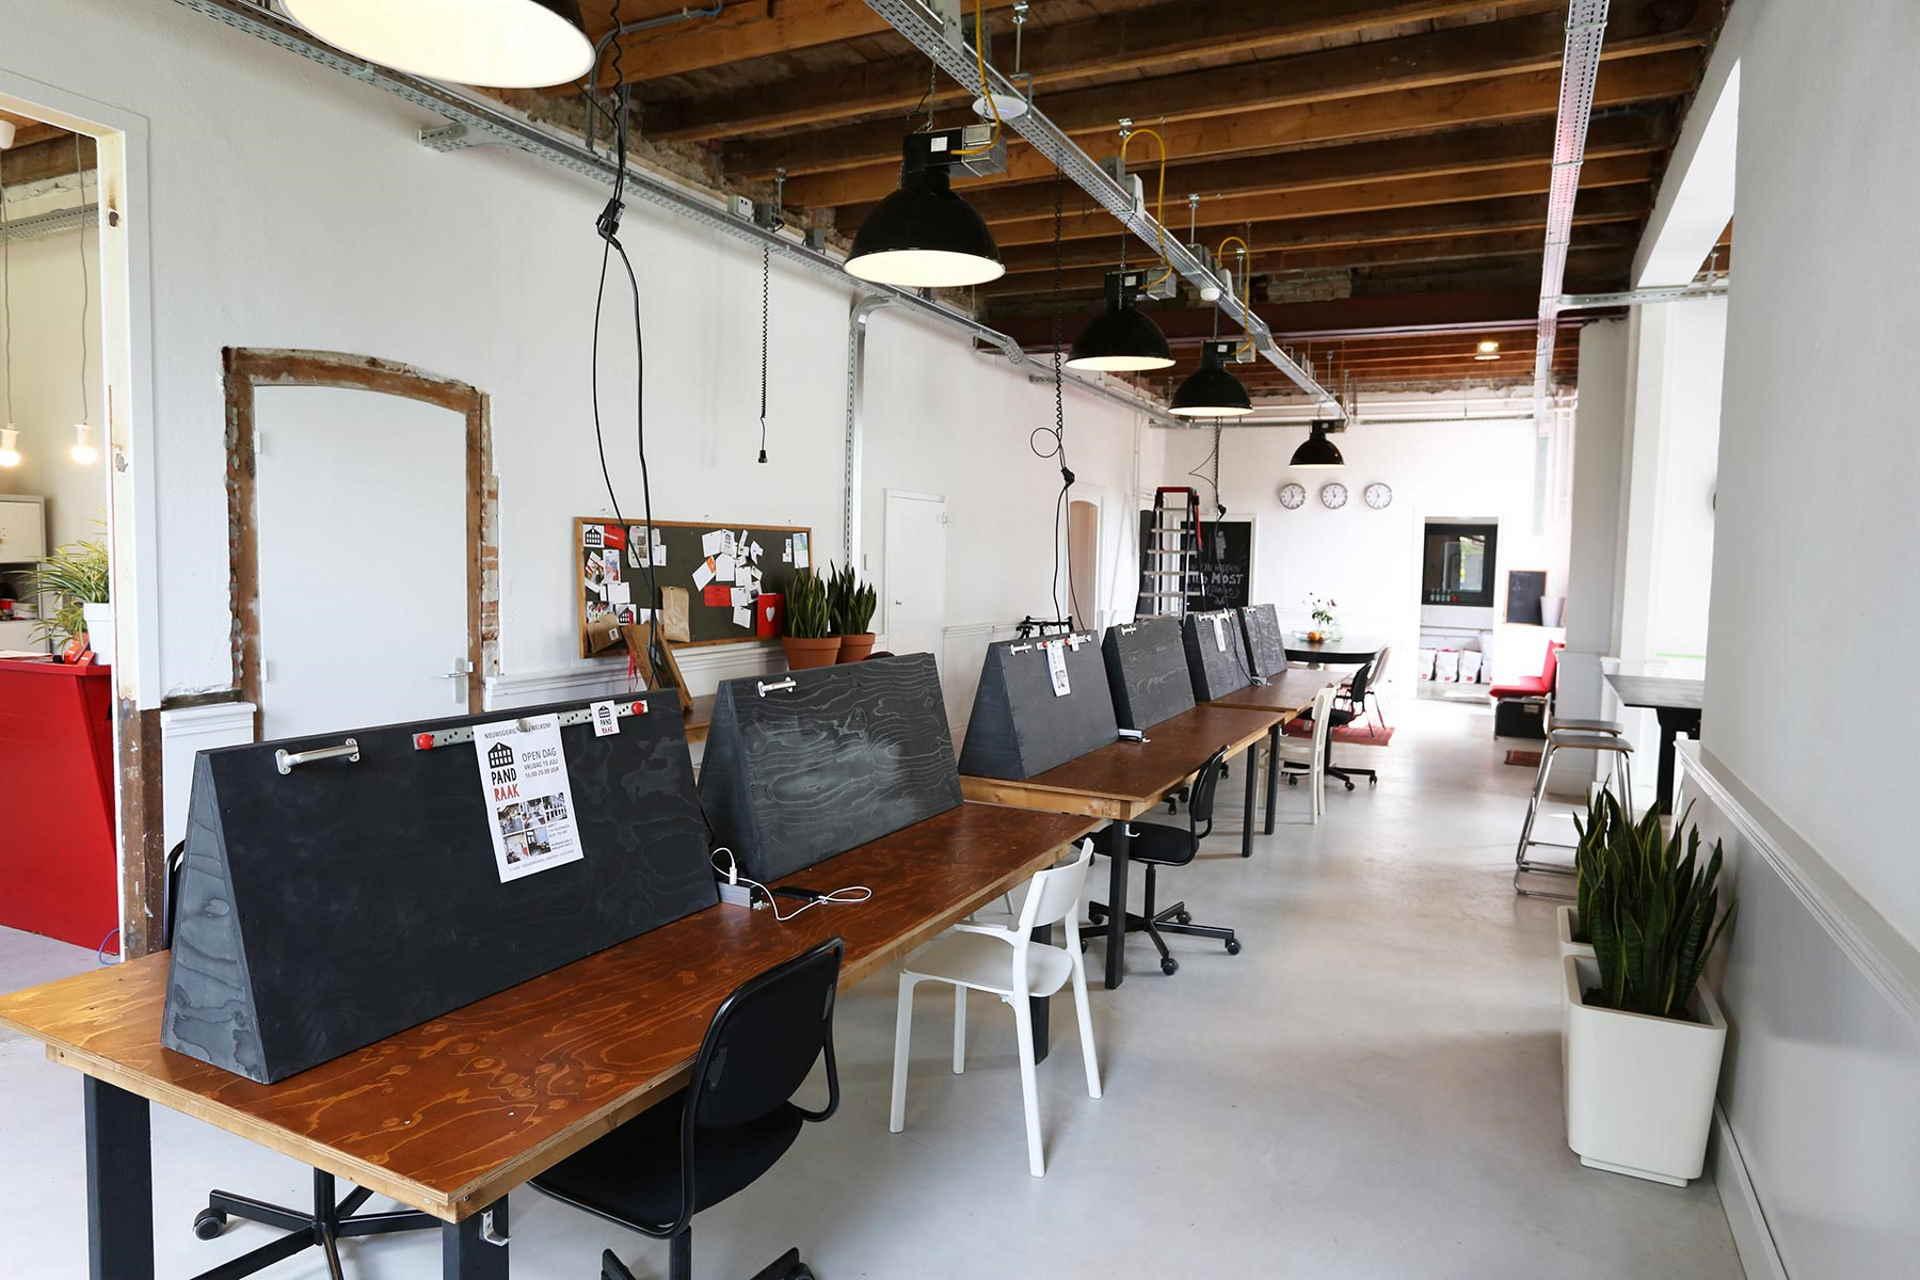 Hoe ziet mijn werkplek er uit?